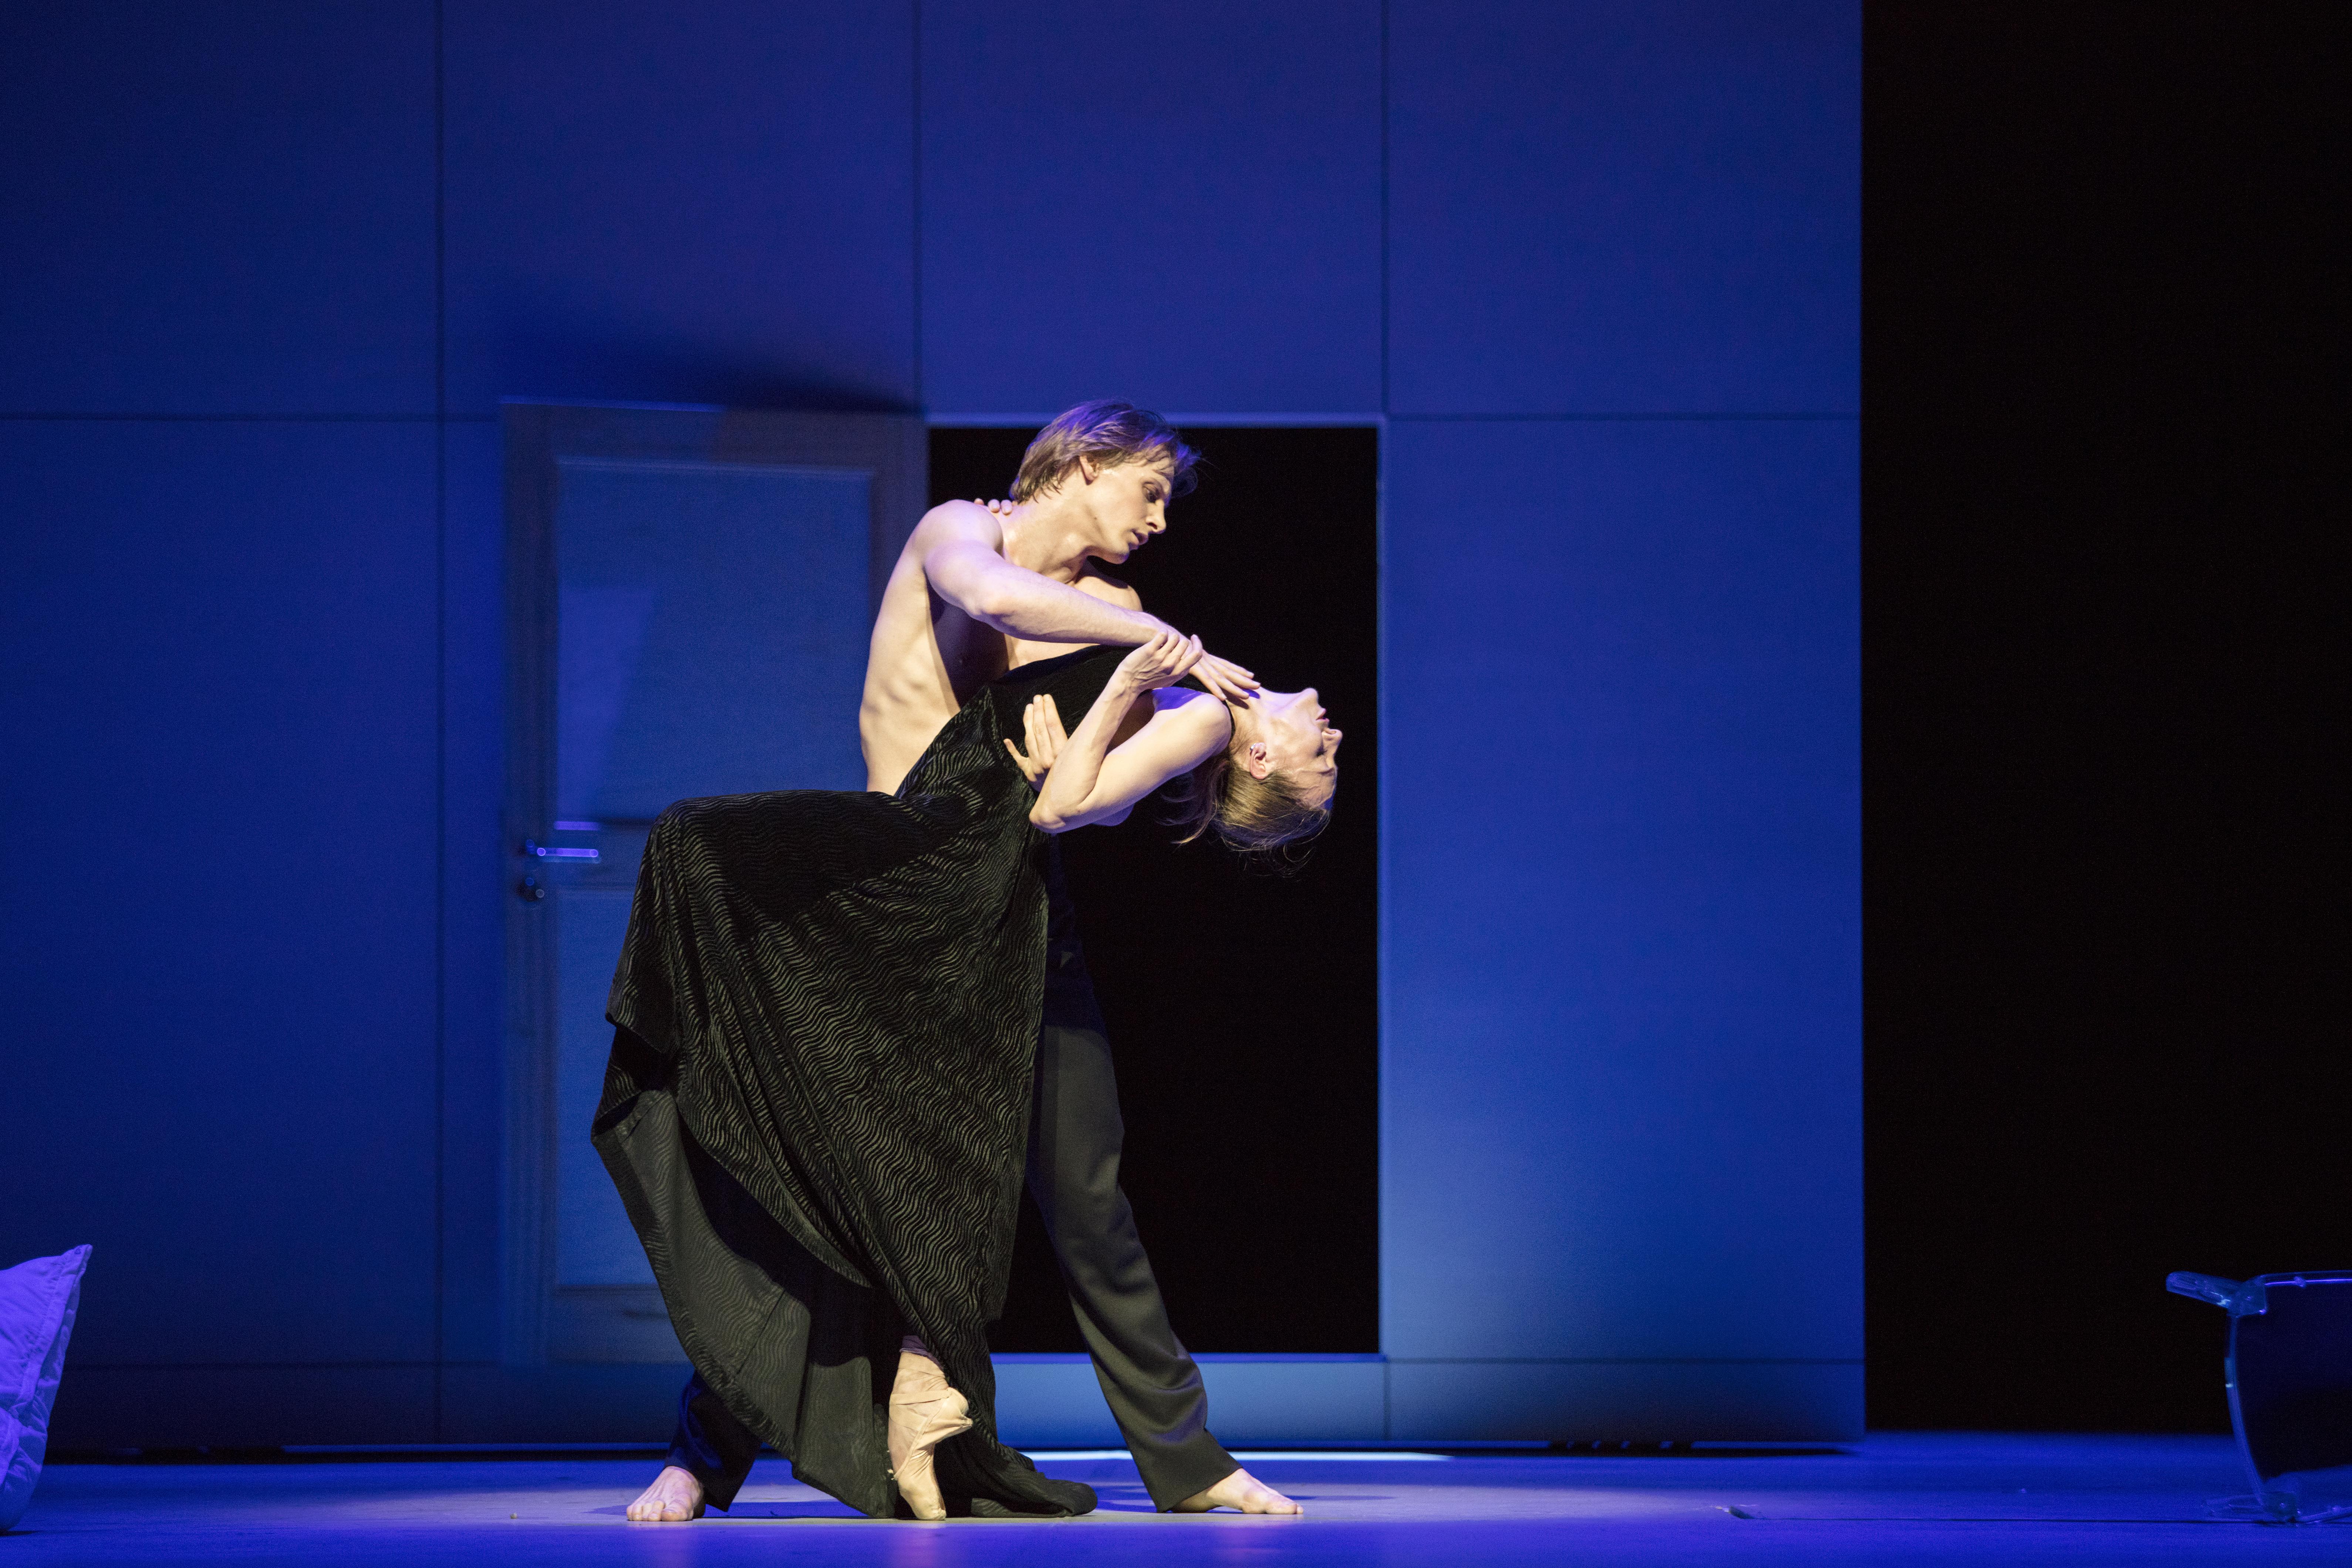 Видео танцовщиц эротичных руских на сцене фото 218-534